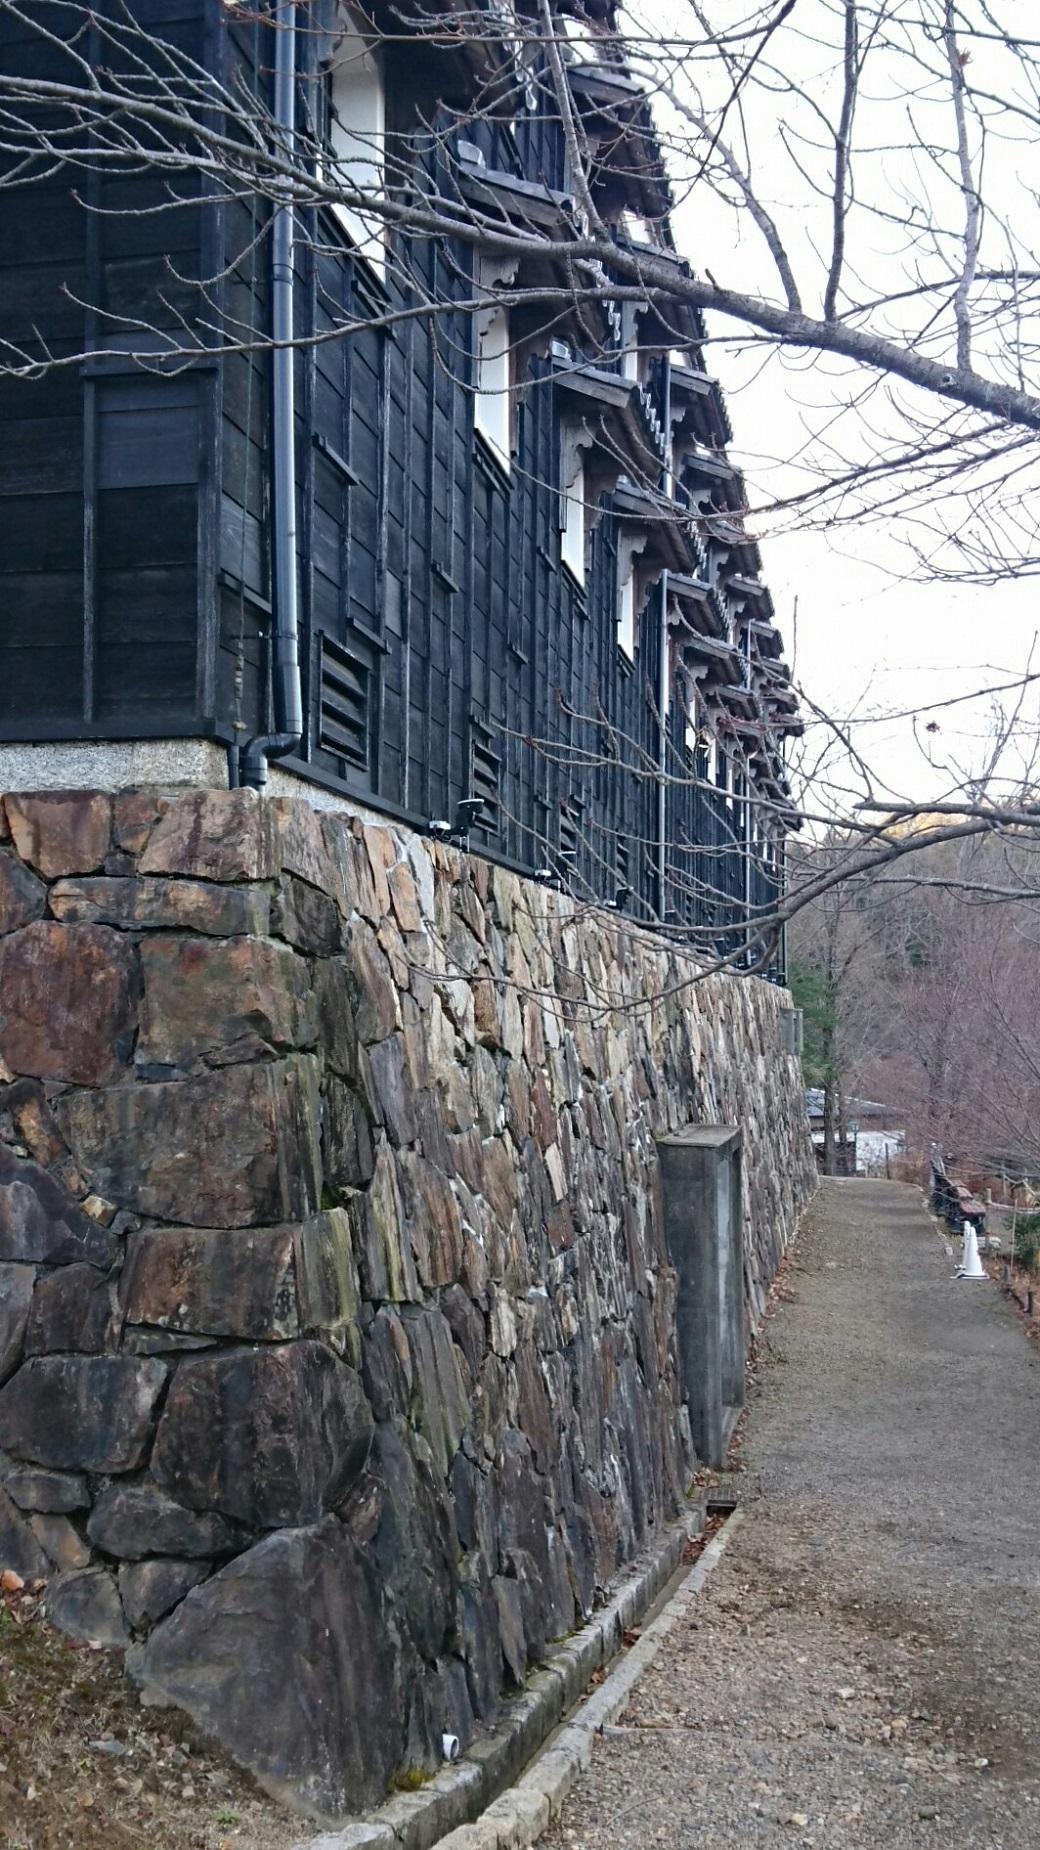 2017.12.28 明治村 (27) 菊の世酒蔵 1040-1850